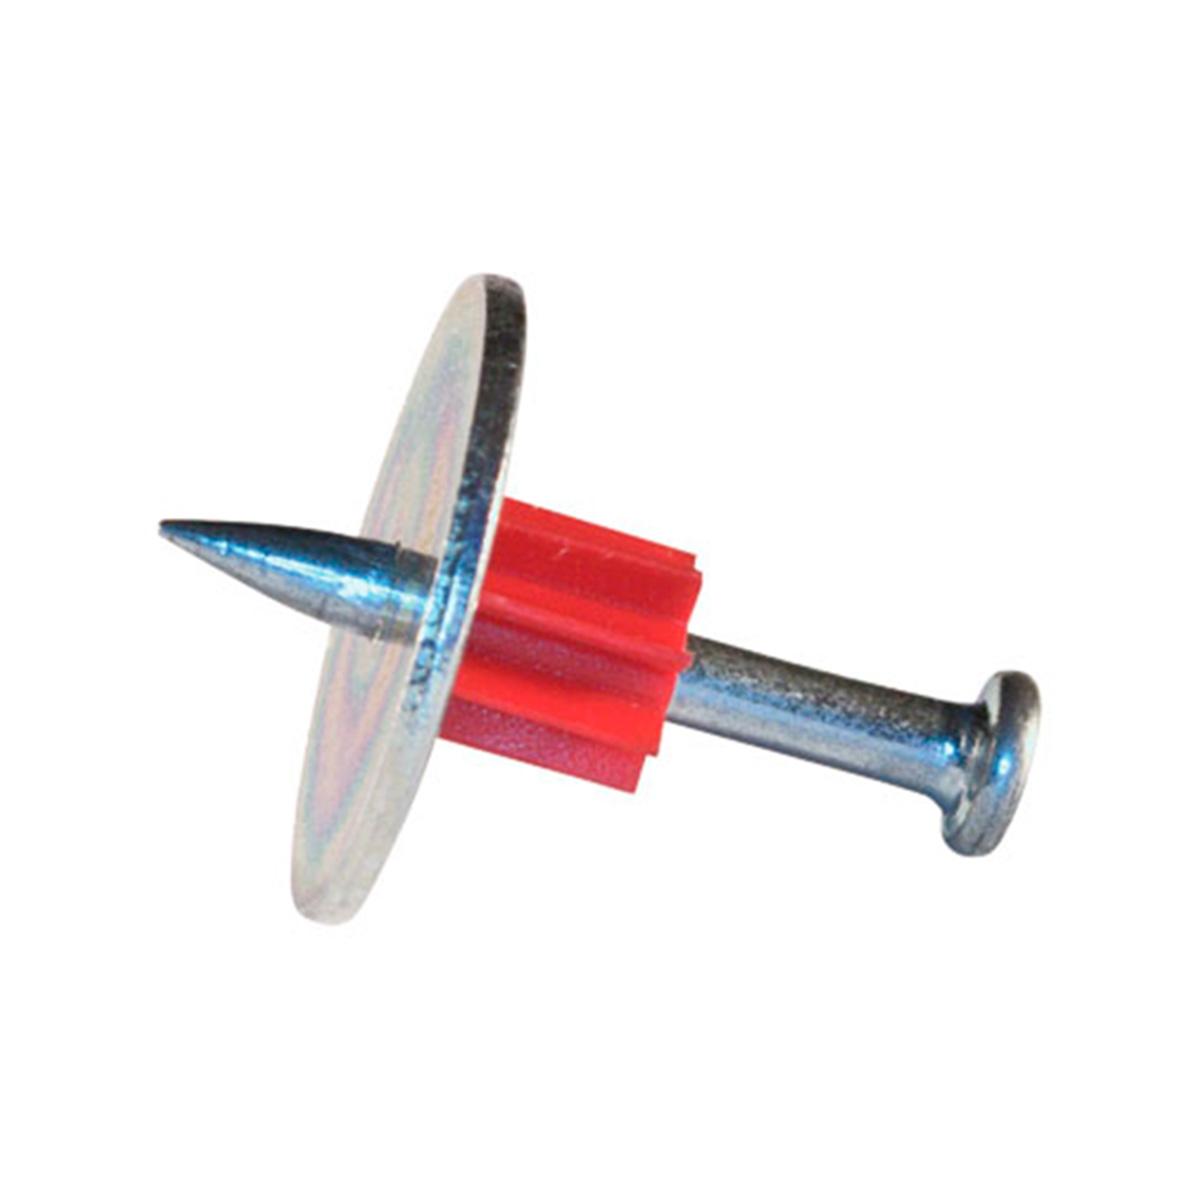 Clavos Con Rondana 1 1/4IN Fijacion Concreto 100pz Gram-Bel